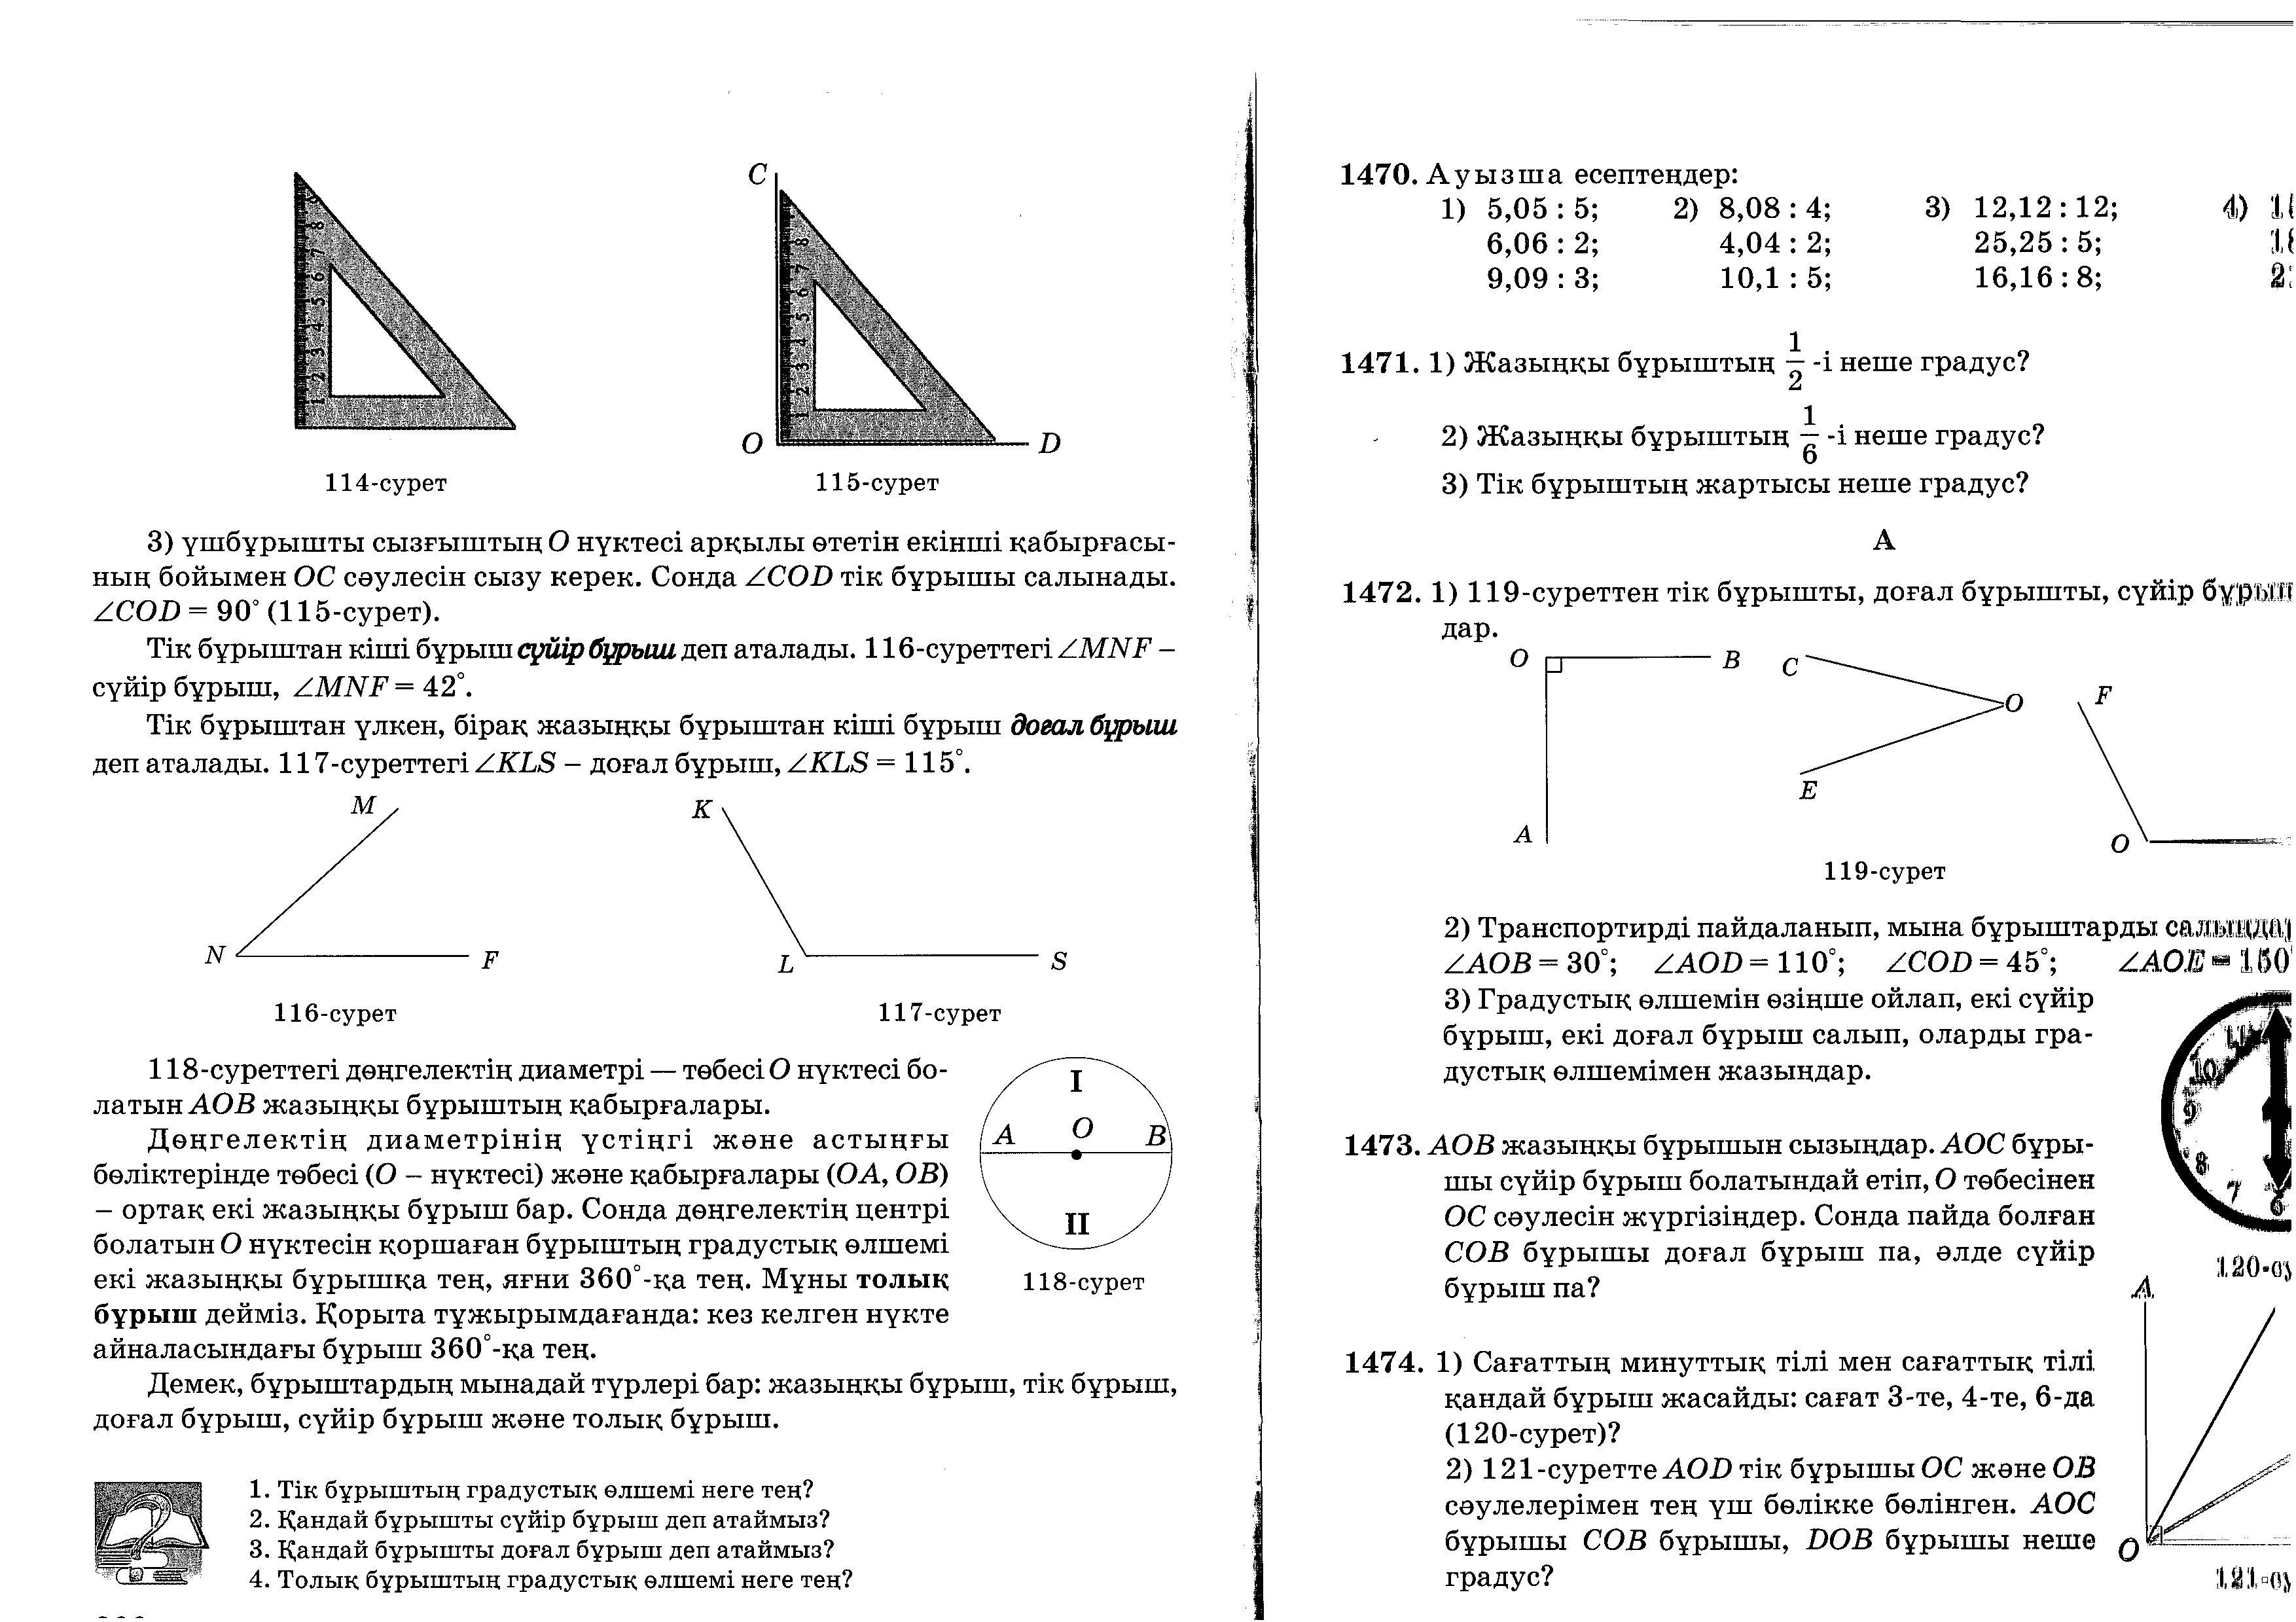 C:\Users\computer\Desktop\курс2\матем\Отсканировано 03.05.2012 14-03 (17).bmp